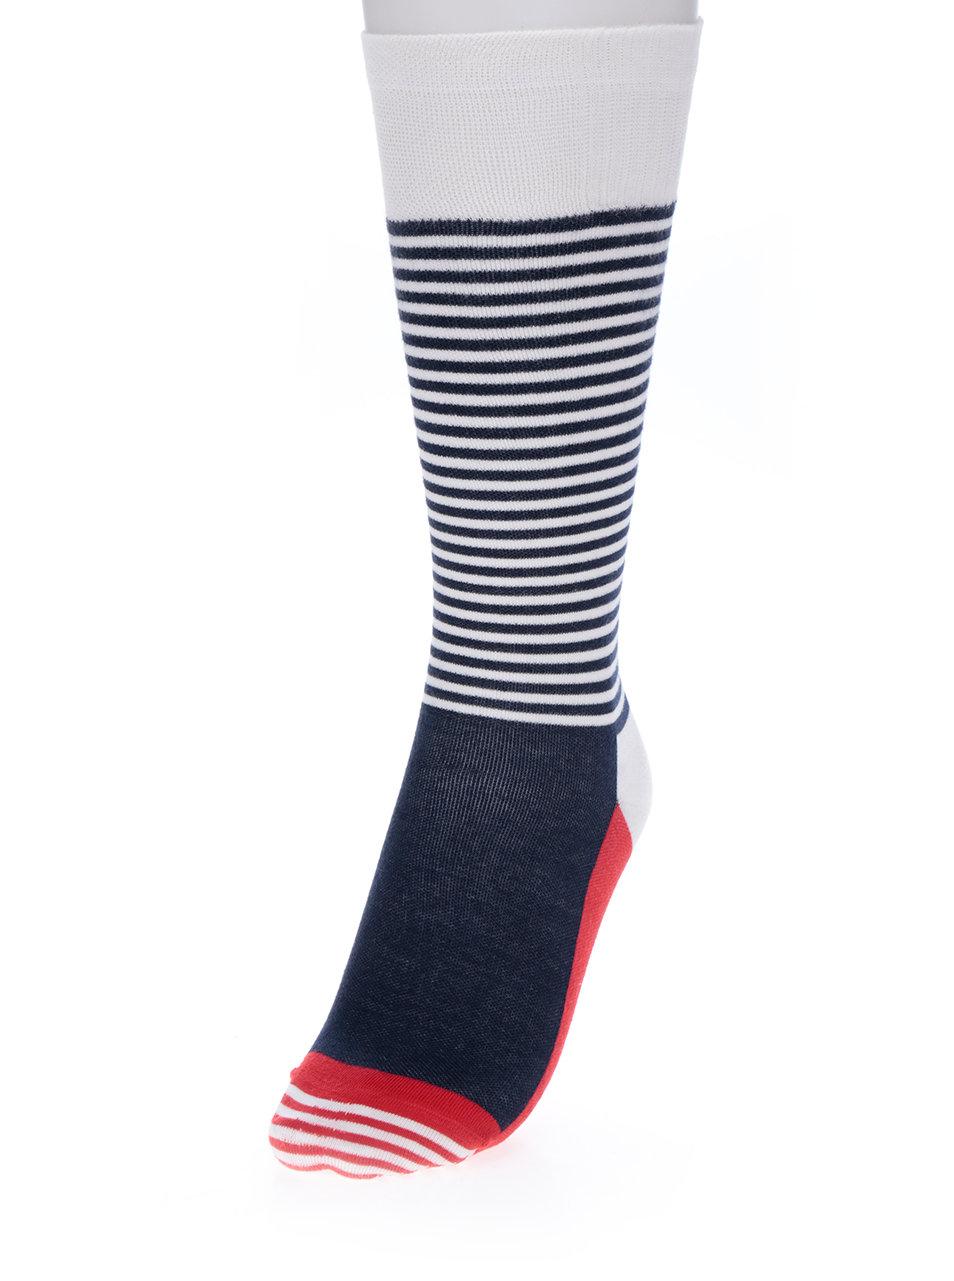 Bílo-modré unisex pruhované kompresní podkolenky Happy Socks Compression  Half Stripe ... 4d41650651